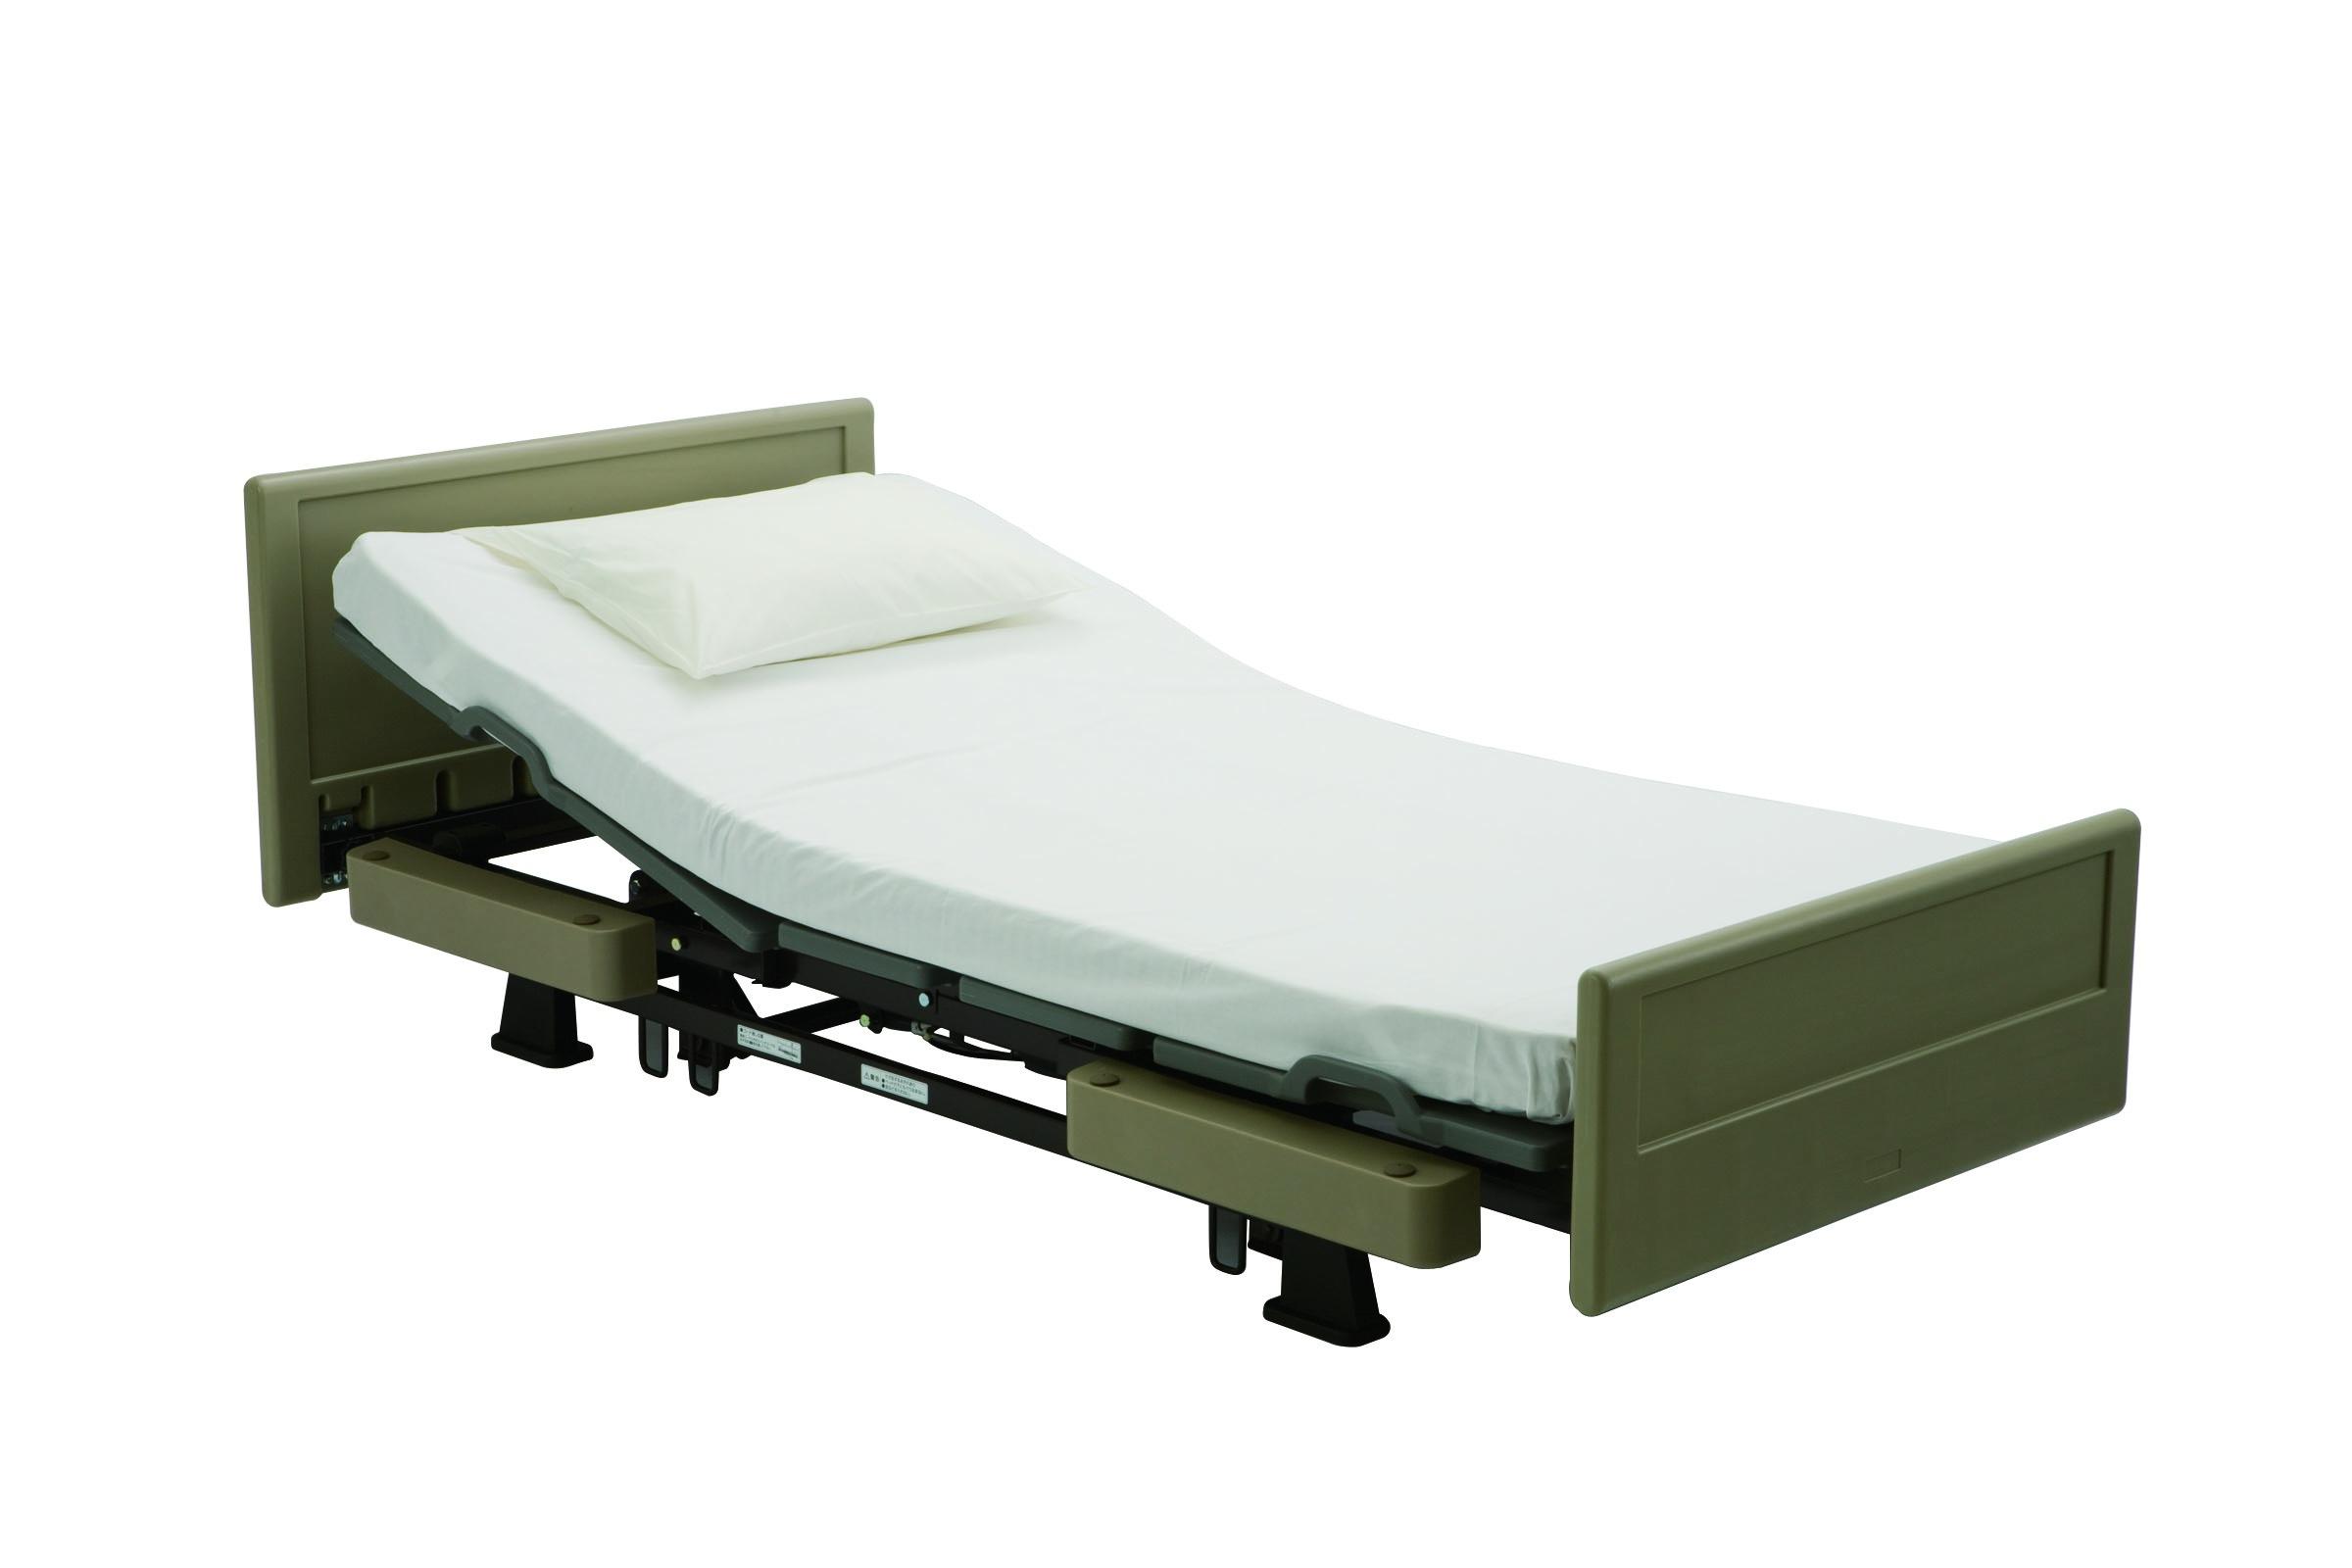 介護 用 ベッド 介護用ベッド ランキングTOP10 - 人気売れ筋ランキング